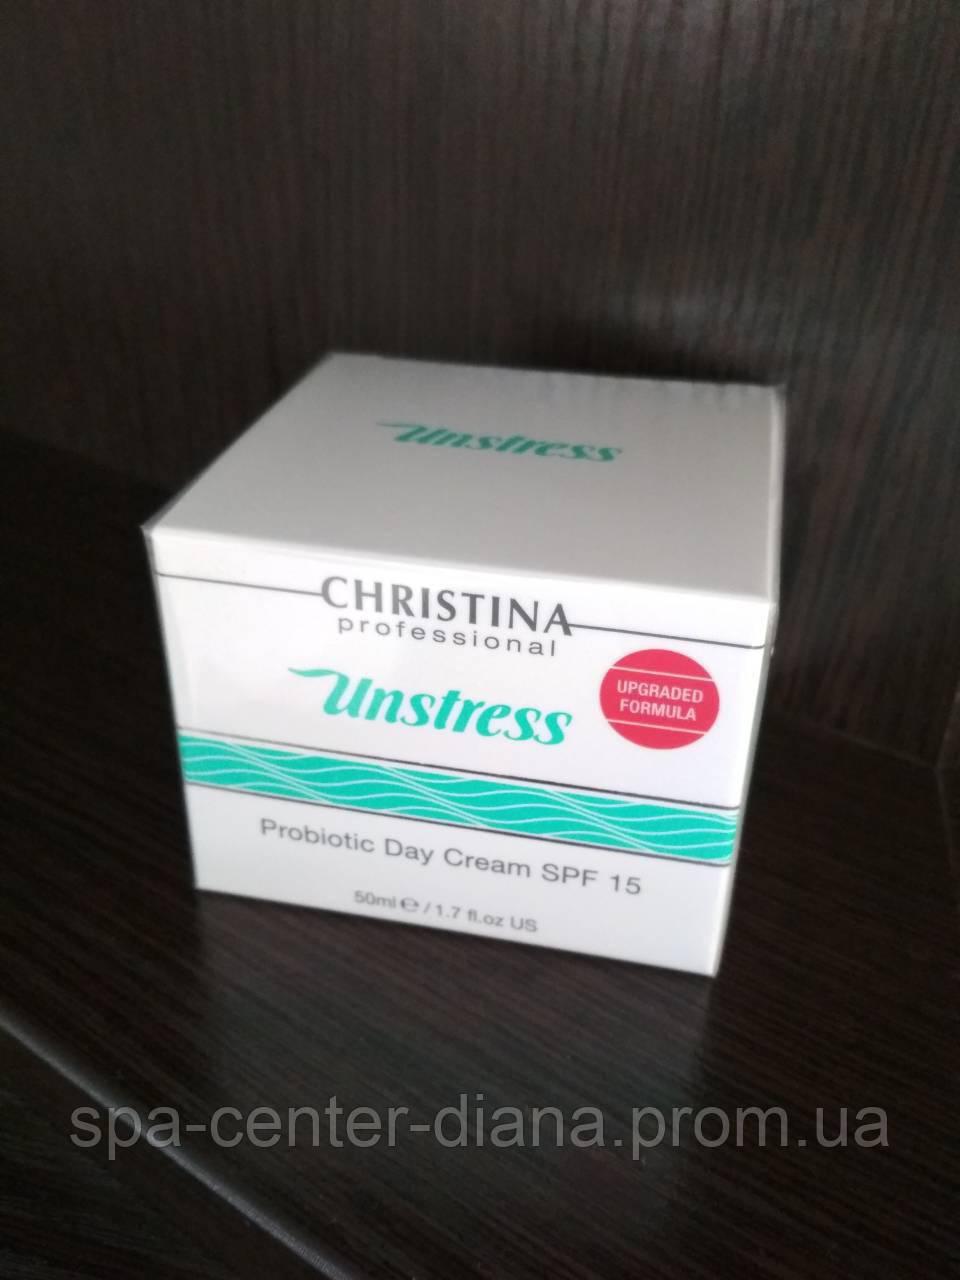 Unstress Pro-Biotic Day Cream SPF-15 Дневной крем с пробиотическим действием